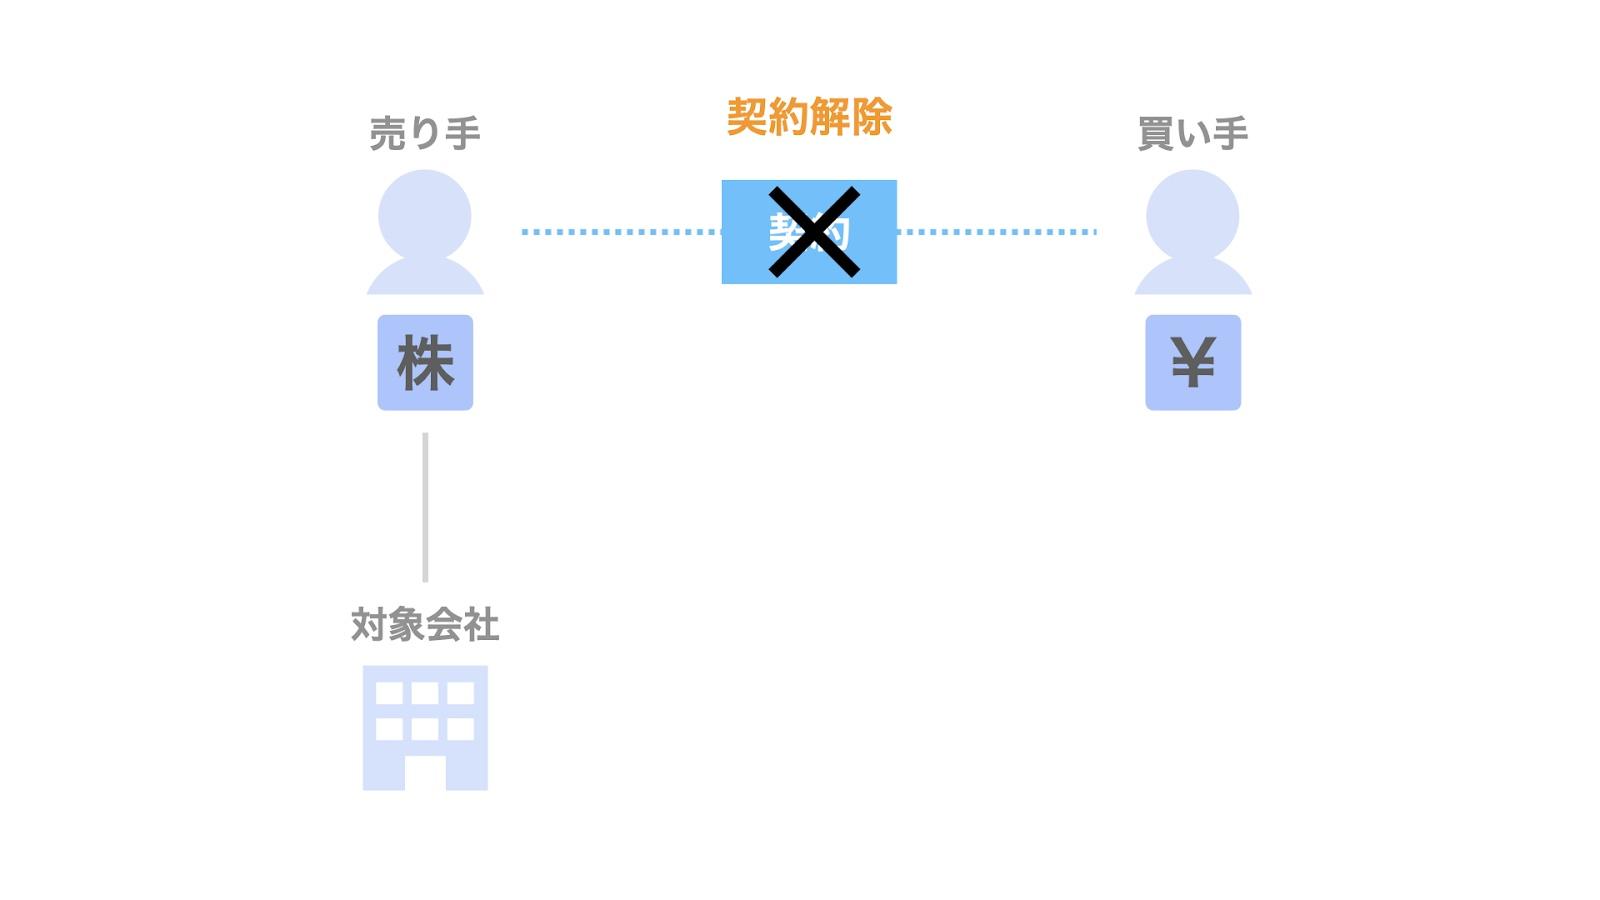 株式譲渡契約書における「契約解除」